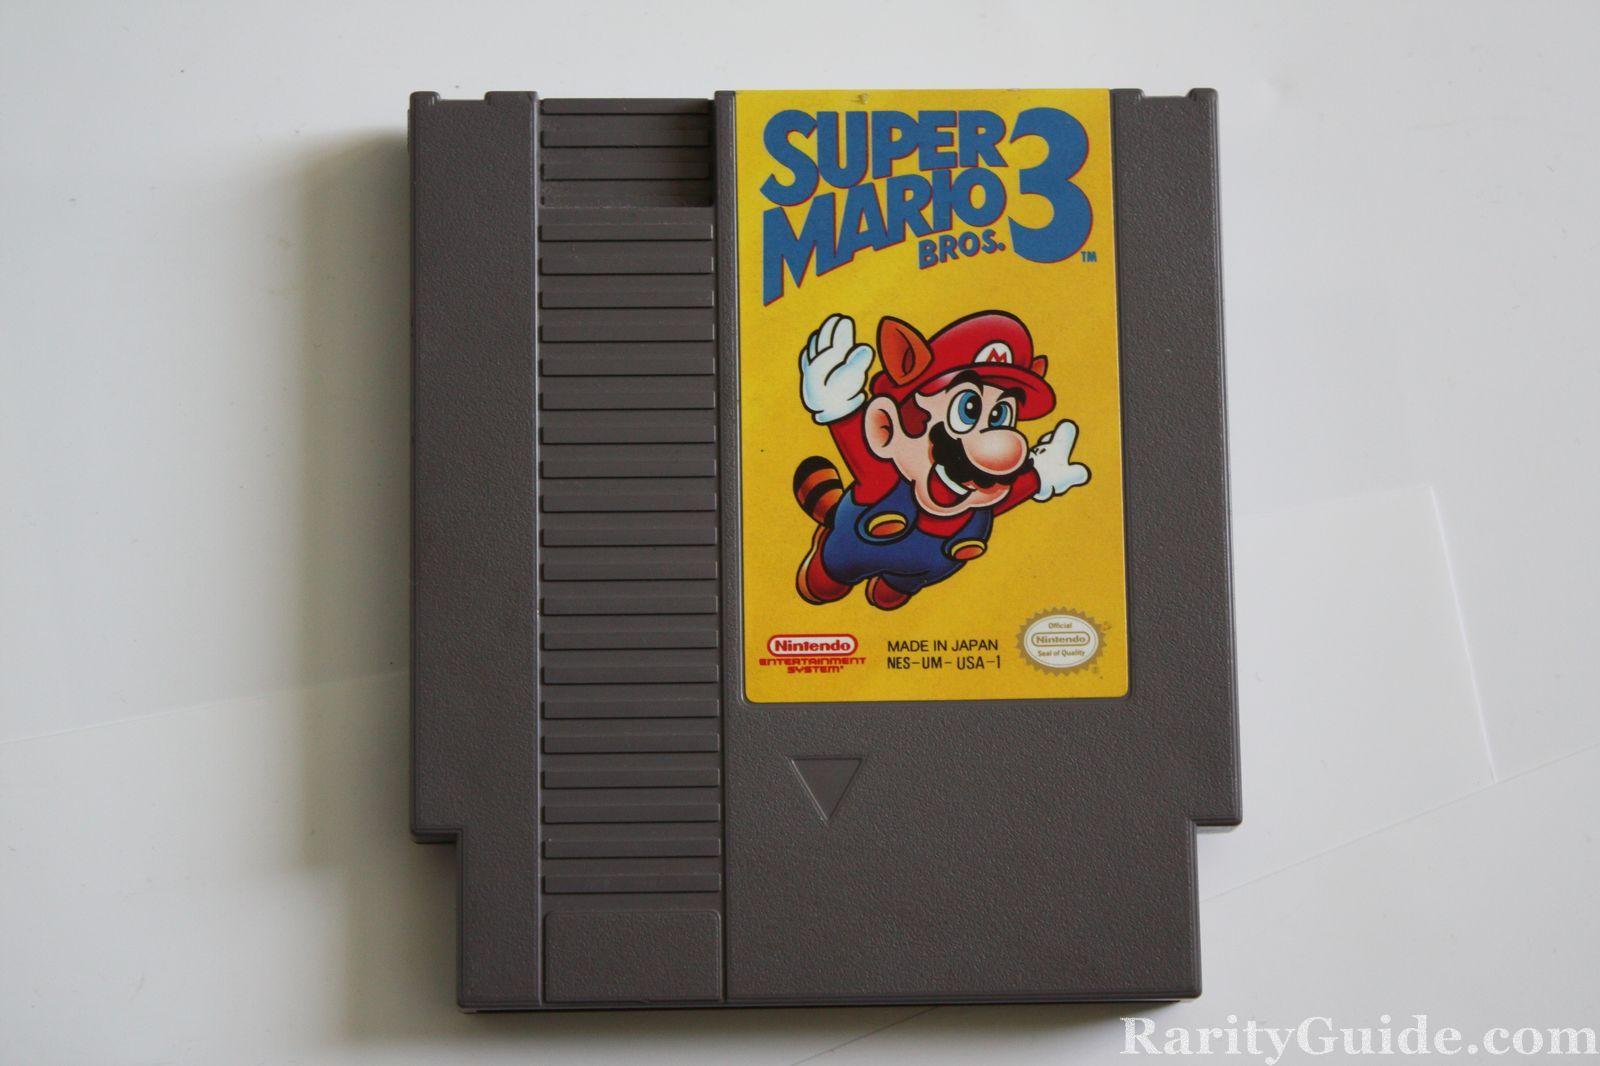 RarityGuide.com Museum: Video Game Consoles » Nintendo NES ...